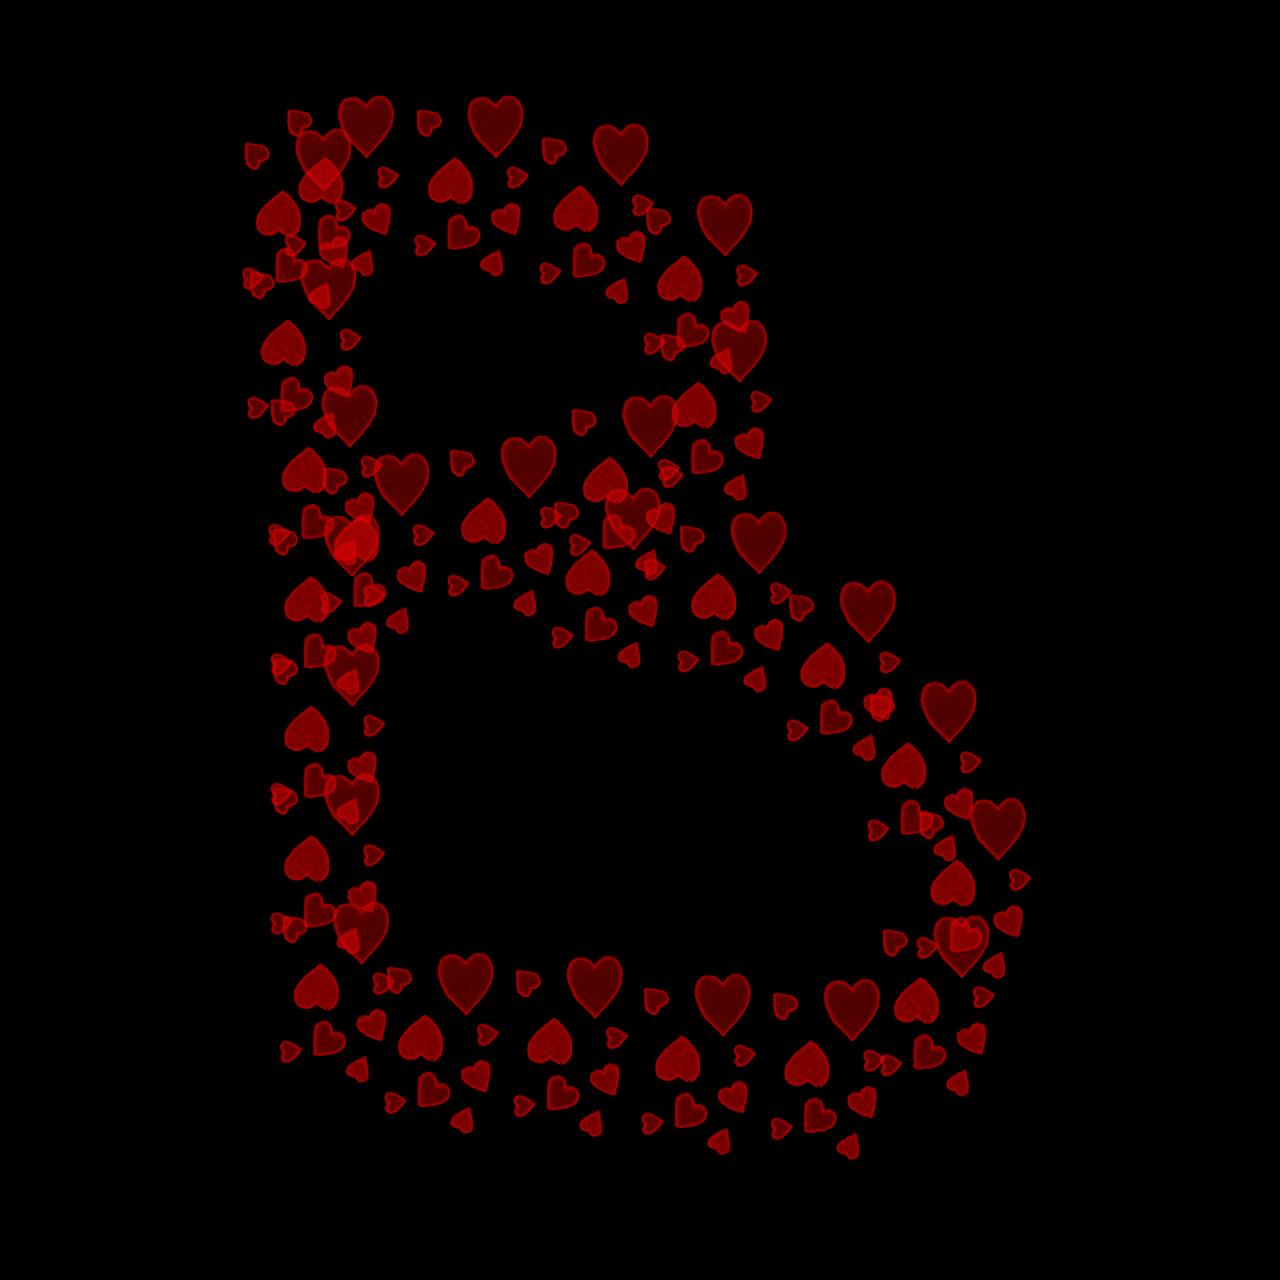 حرف B احبك حروف بخلفيات جميله فنجان قهوة